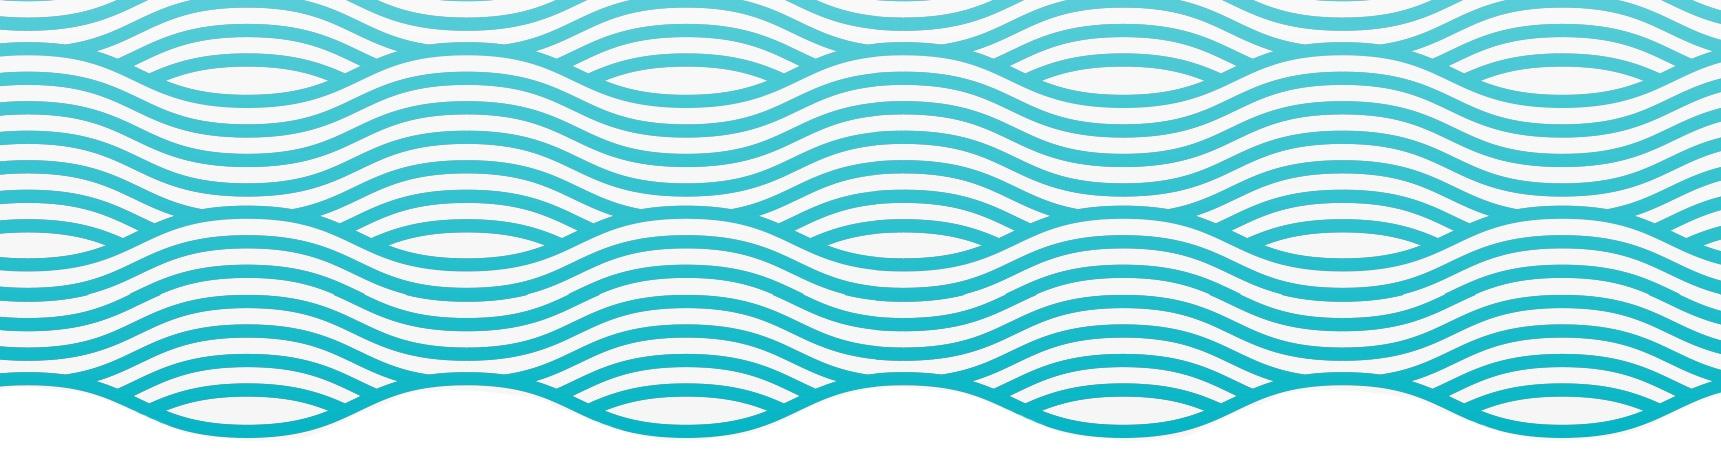 RST-waves-wide.jpg